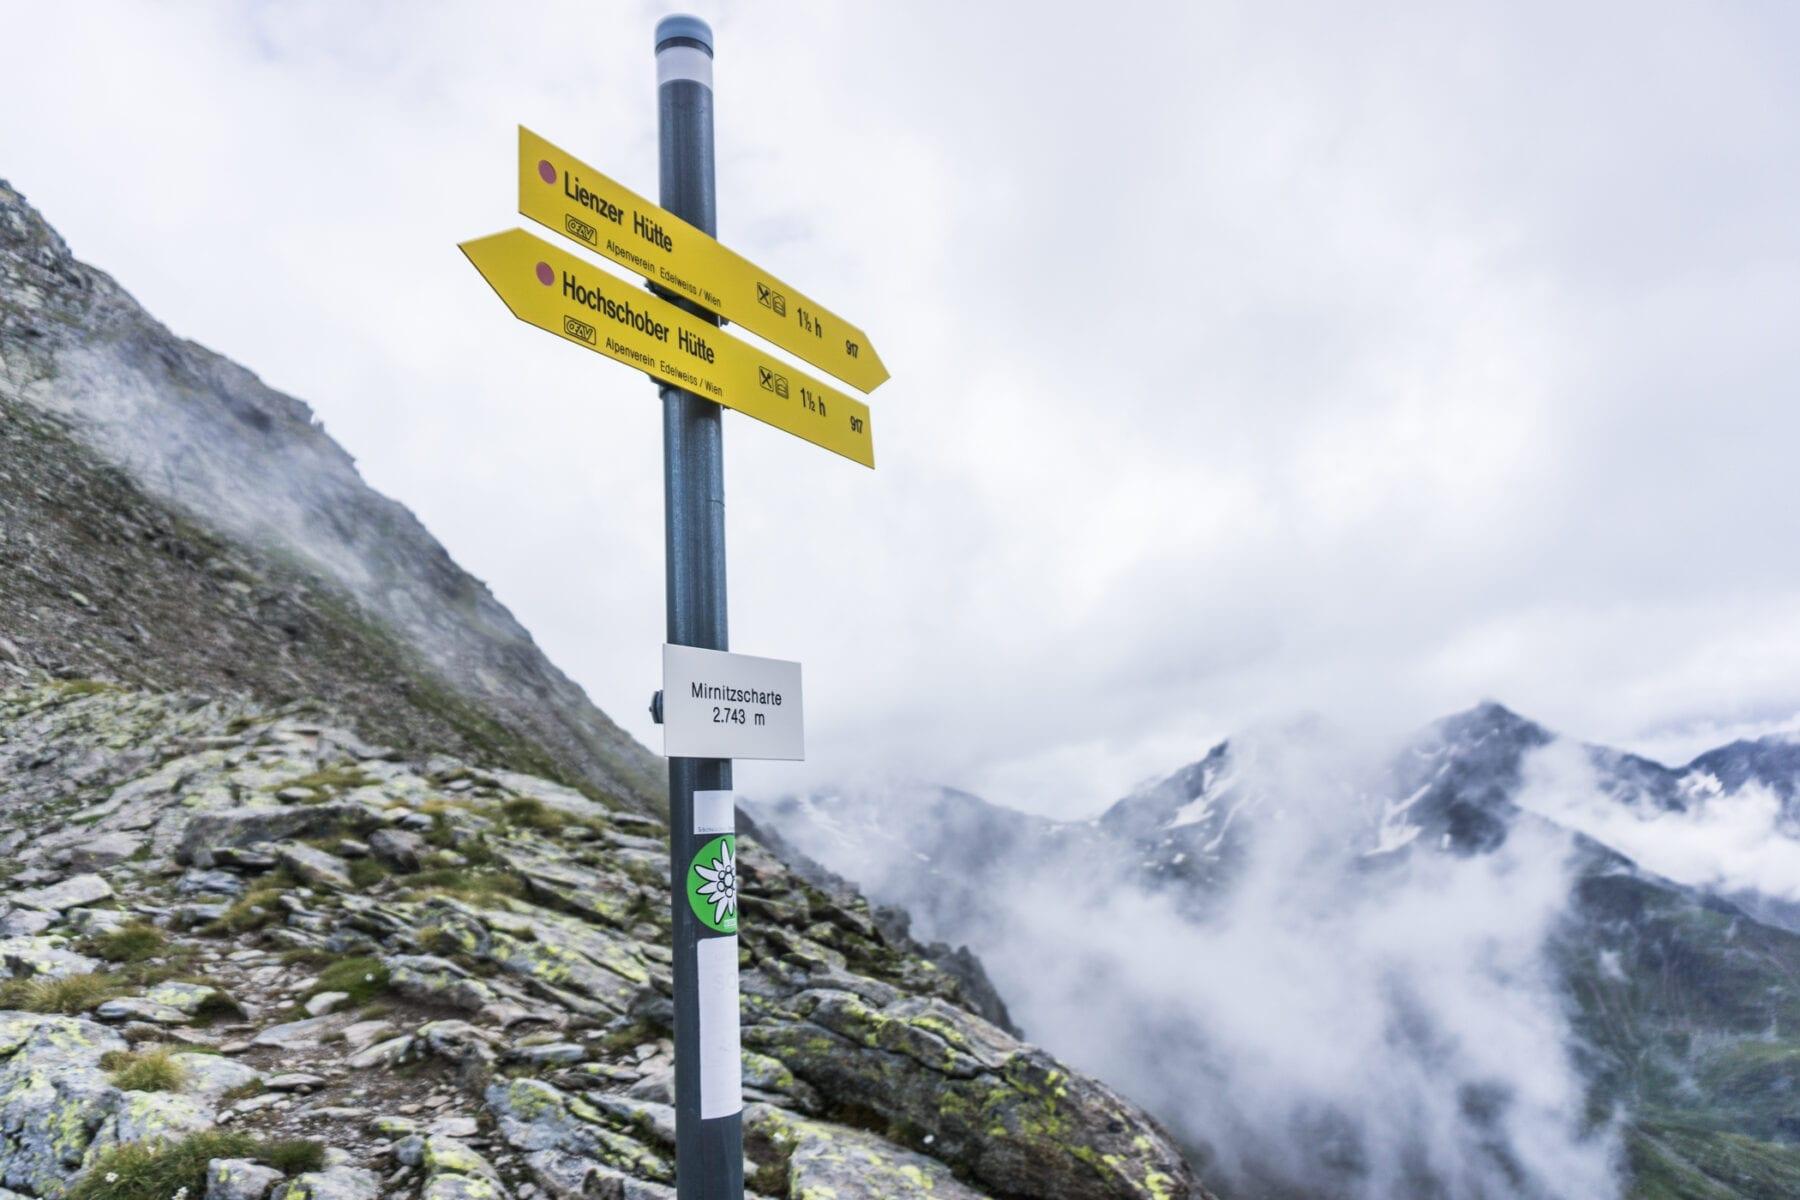 Moeilijkheidswaarderingen Oostenrijk gipfel